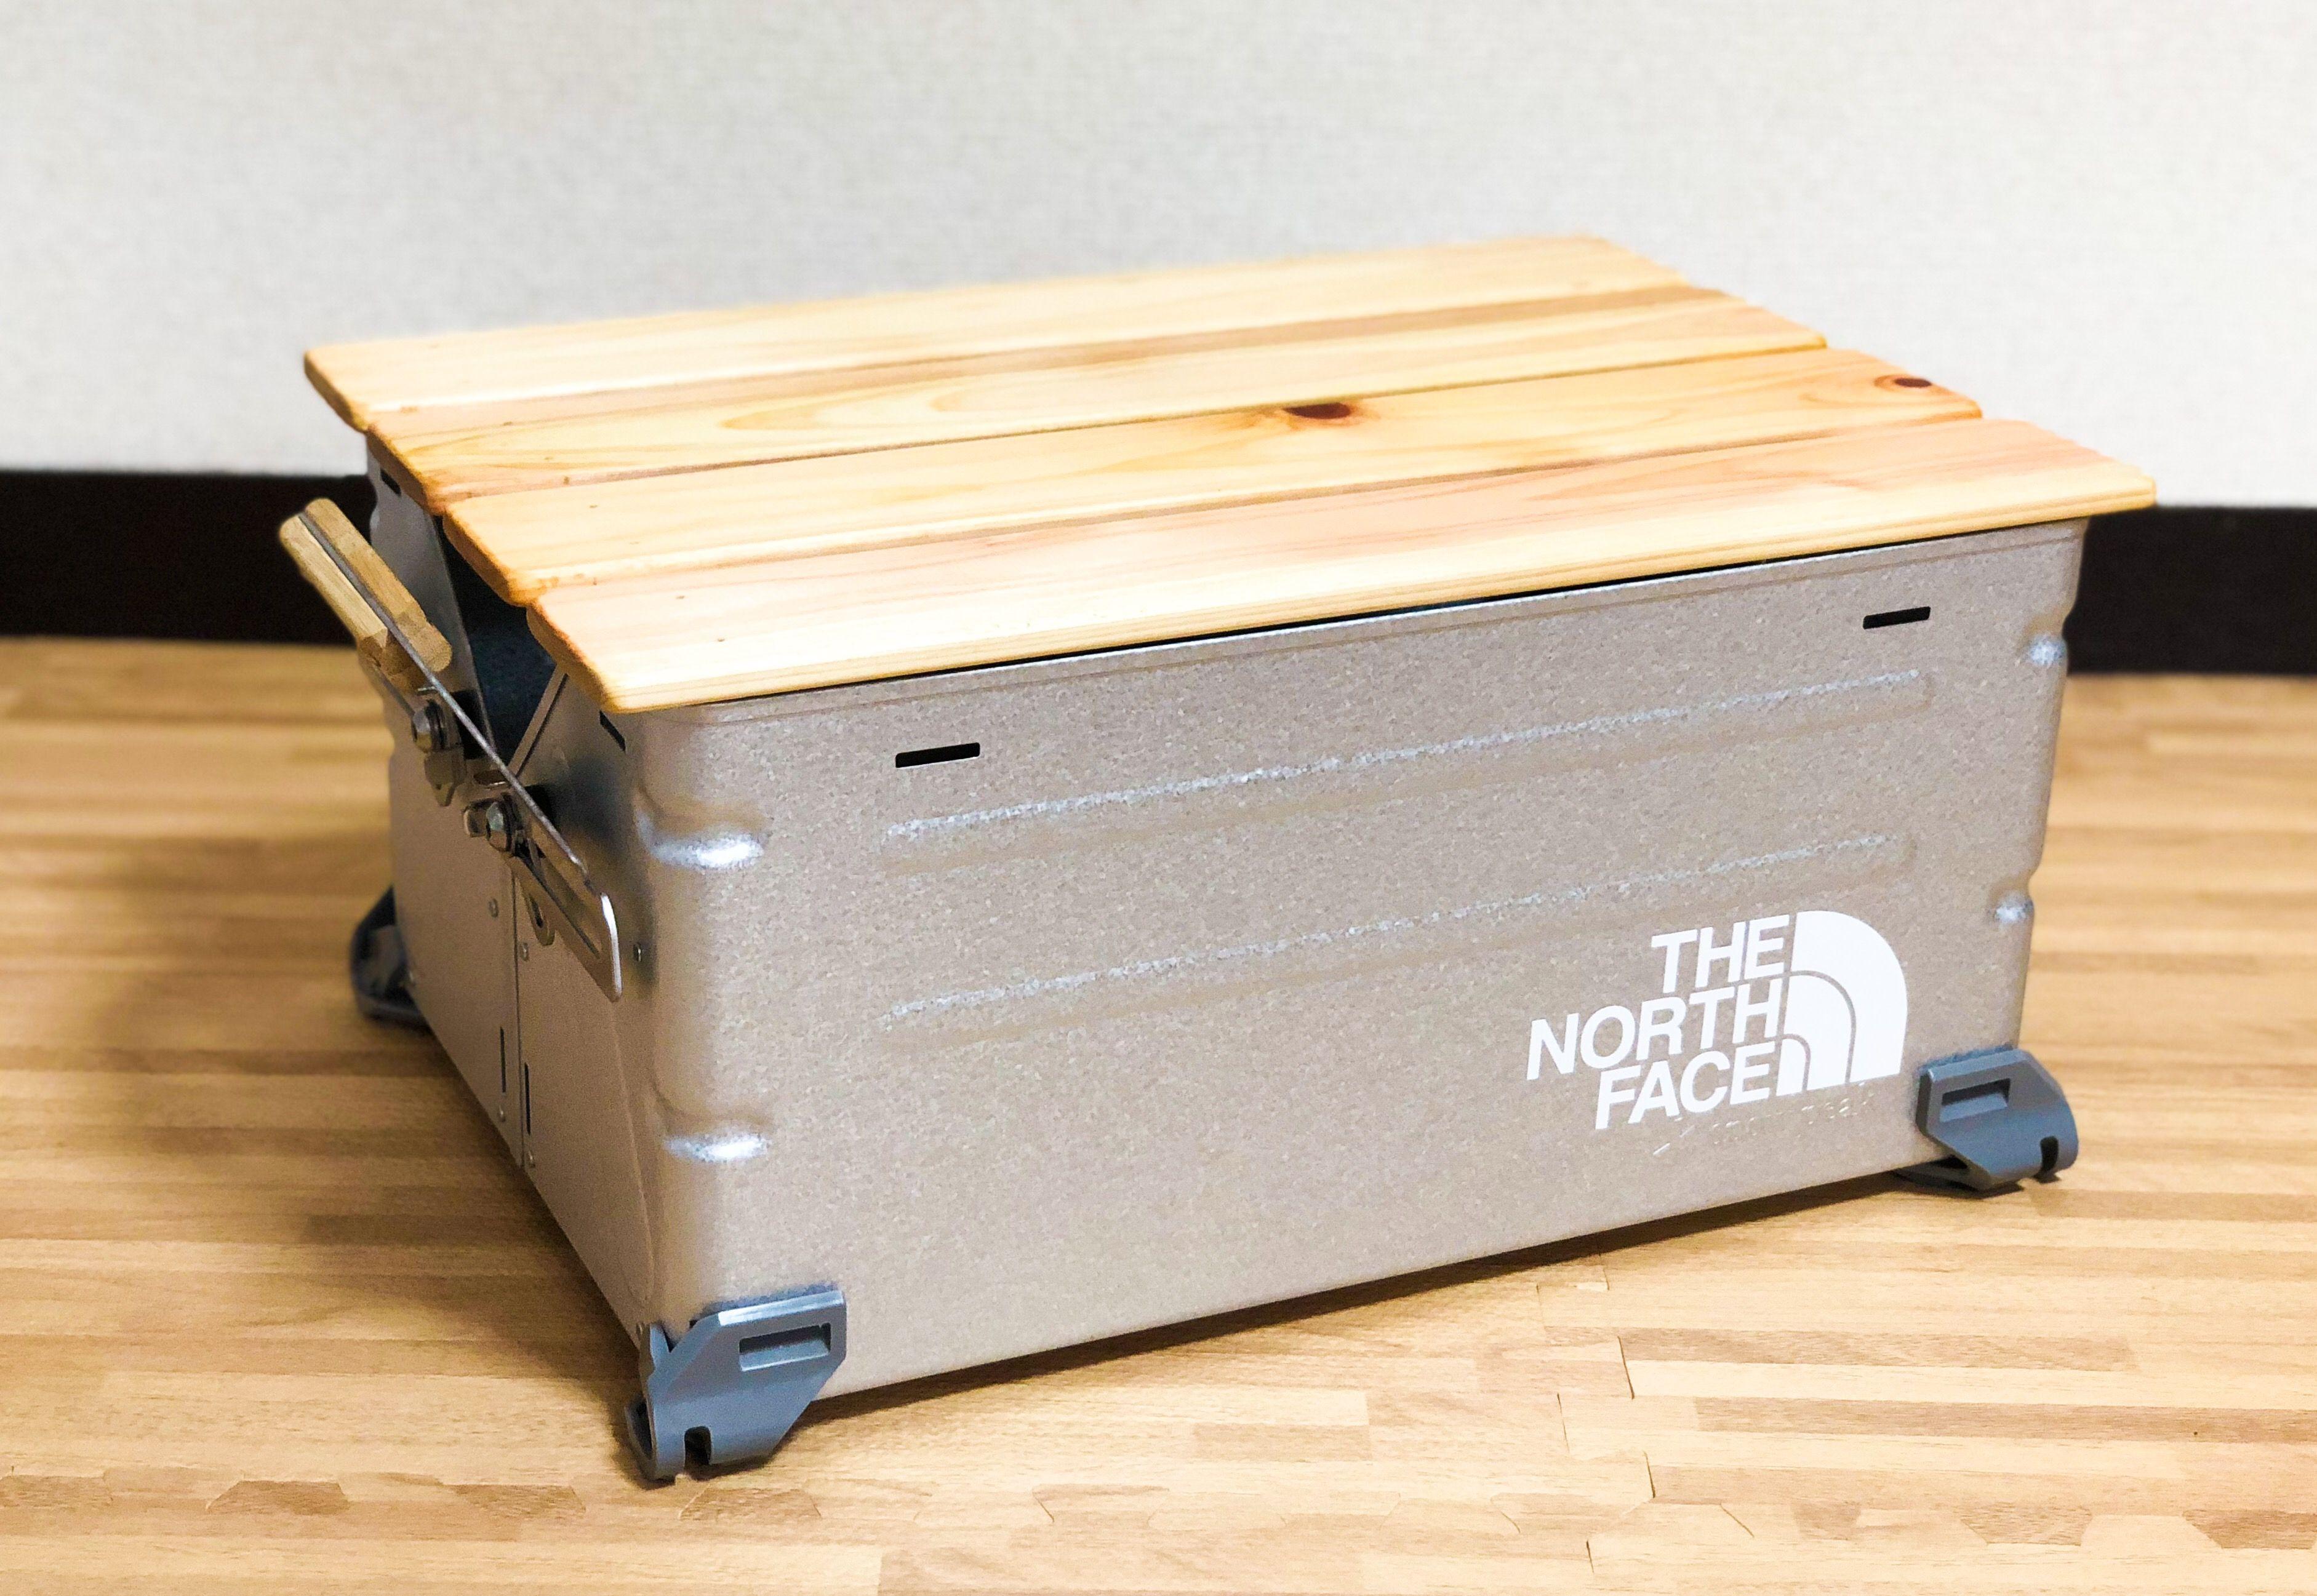 シェルフコンテナ25の天板を自作 と思ったらシンデレラフィットする アレ があったのでセミdiyしてみた Mini Camper S Life シェルフコンテナ シンデレラフィット ロールトップテーブル